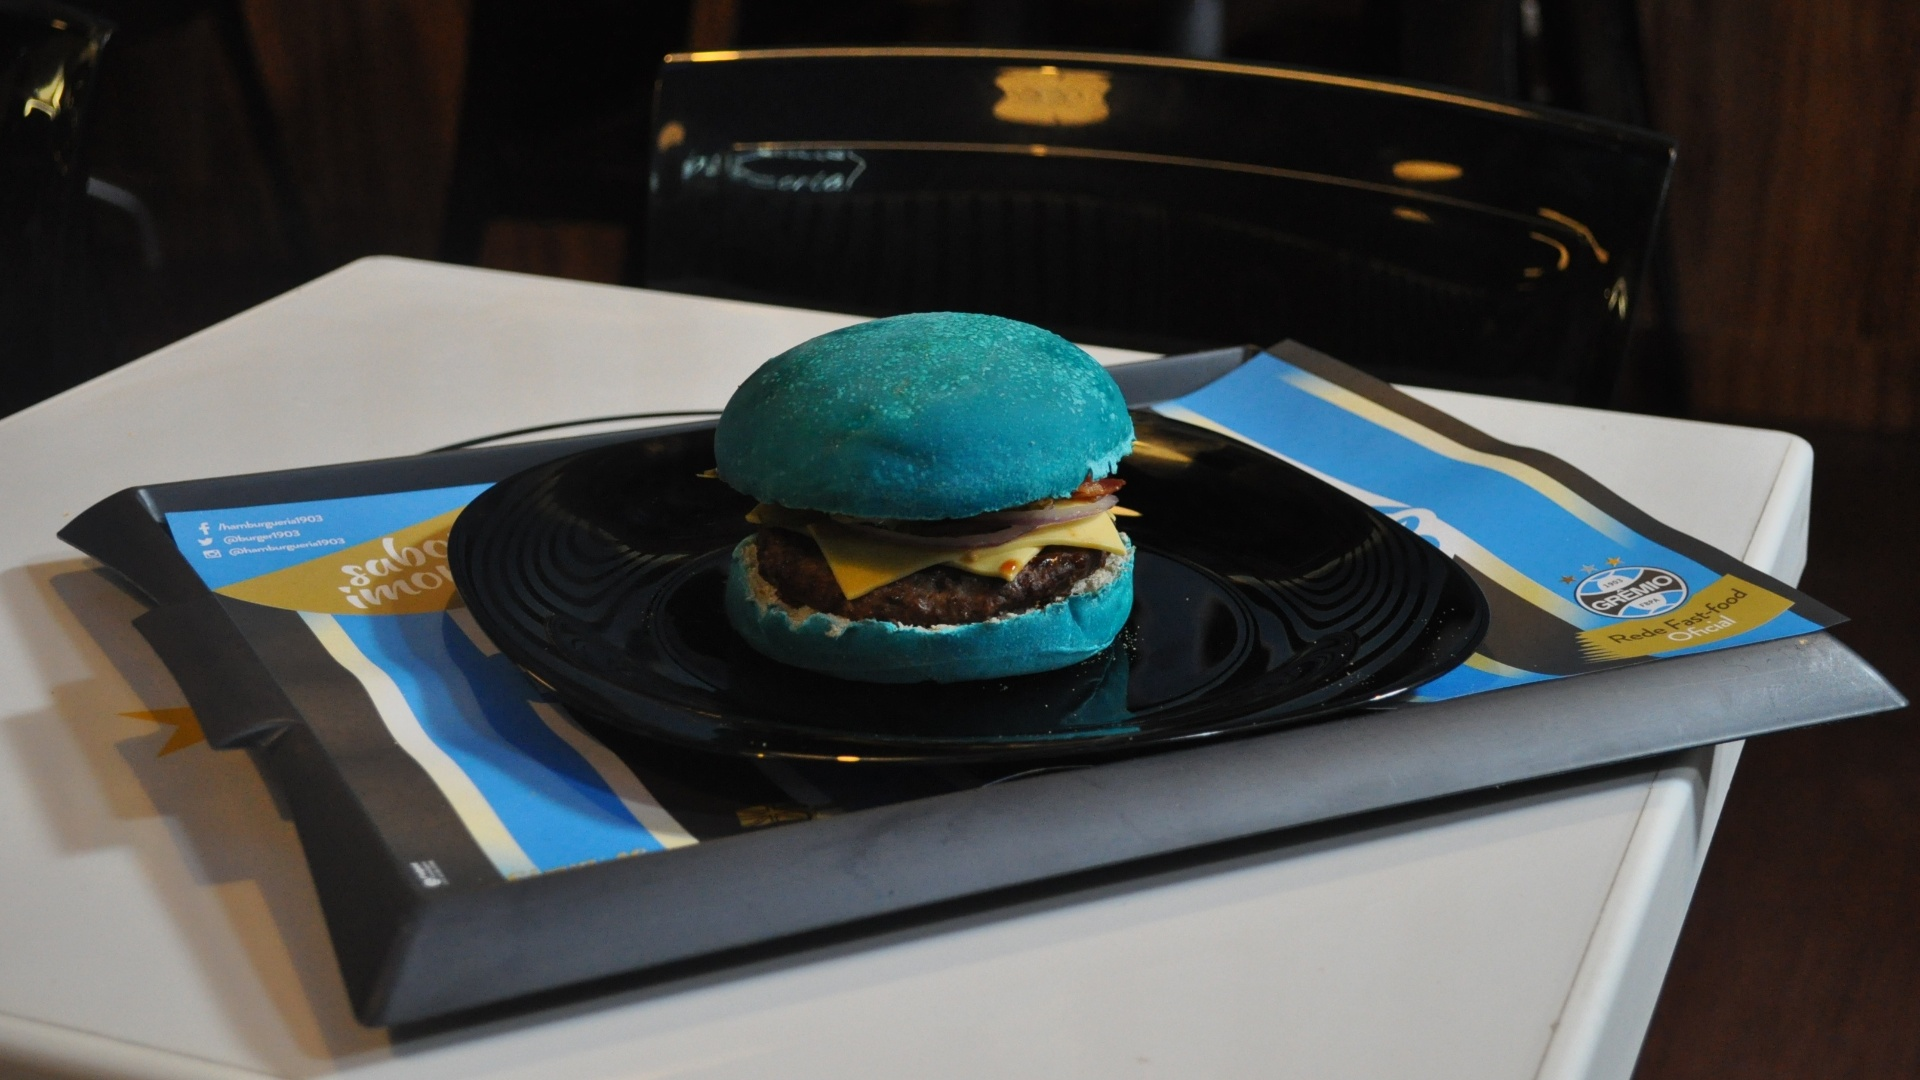 Celeste, o sanduíche com pão azul da Hamburgueria 1903, do Grêmio